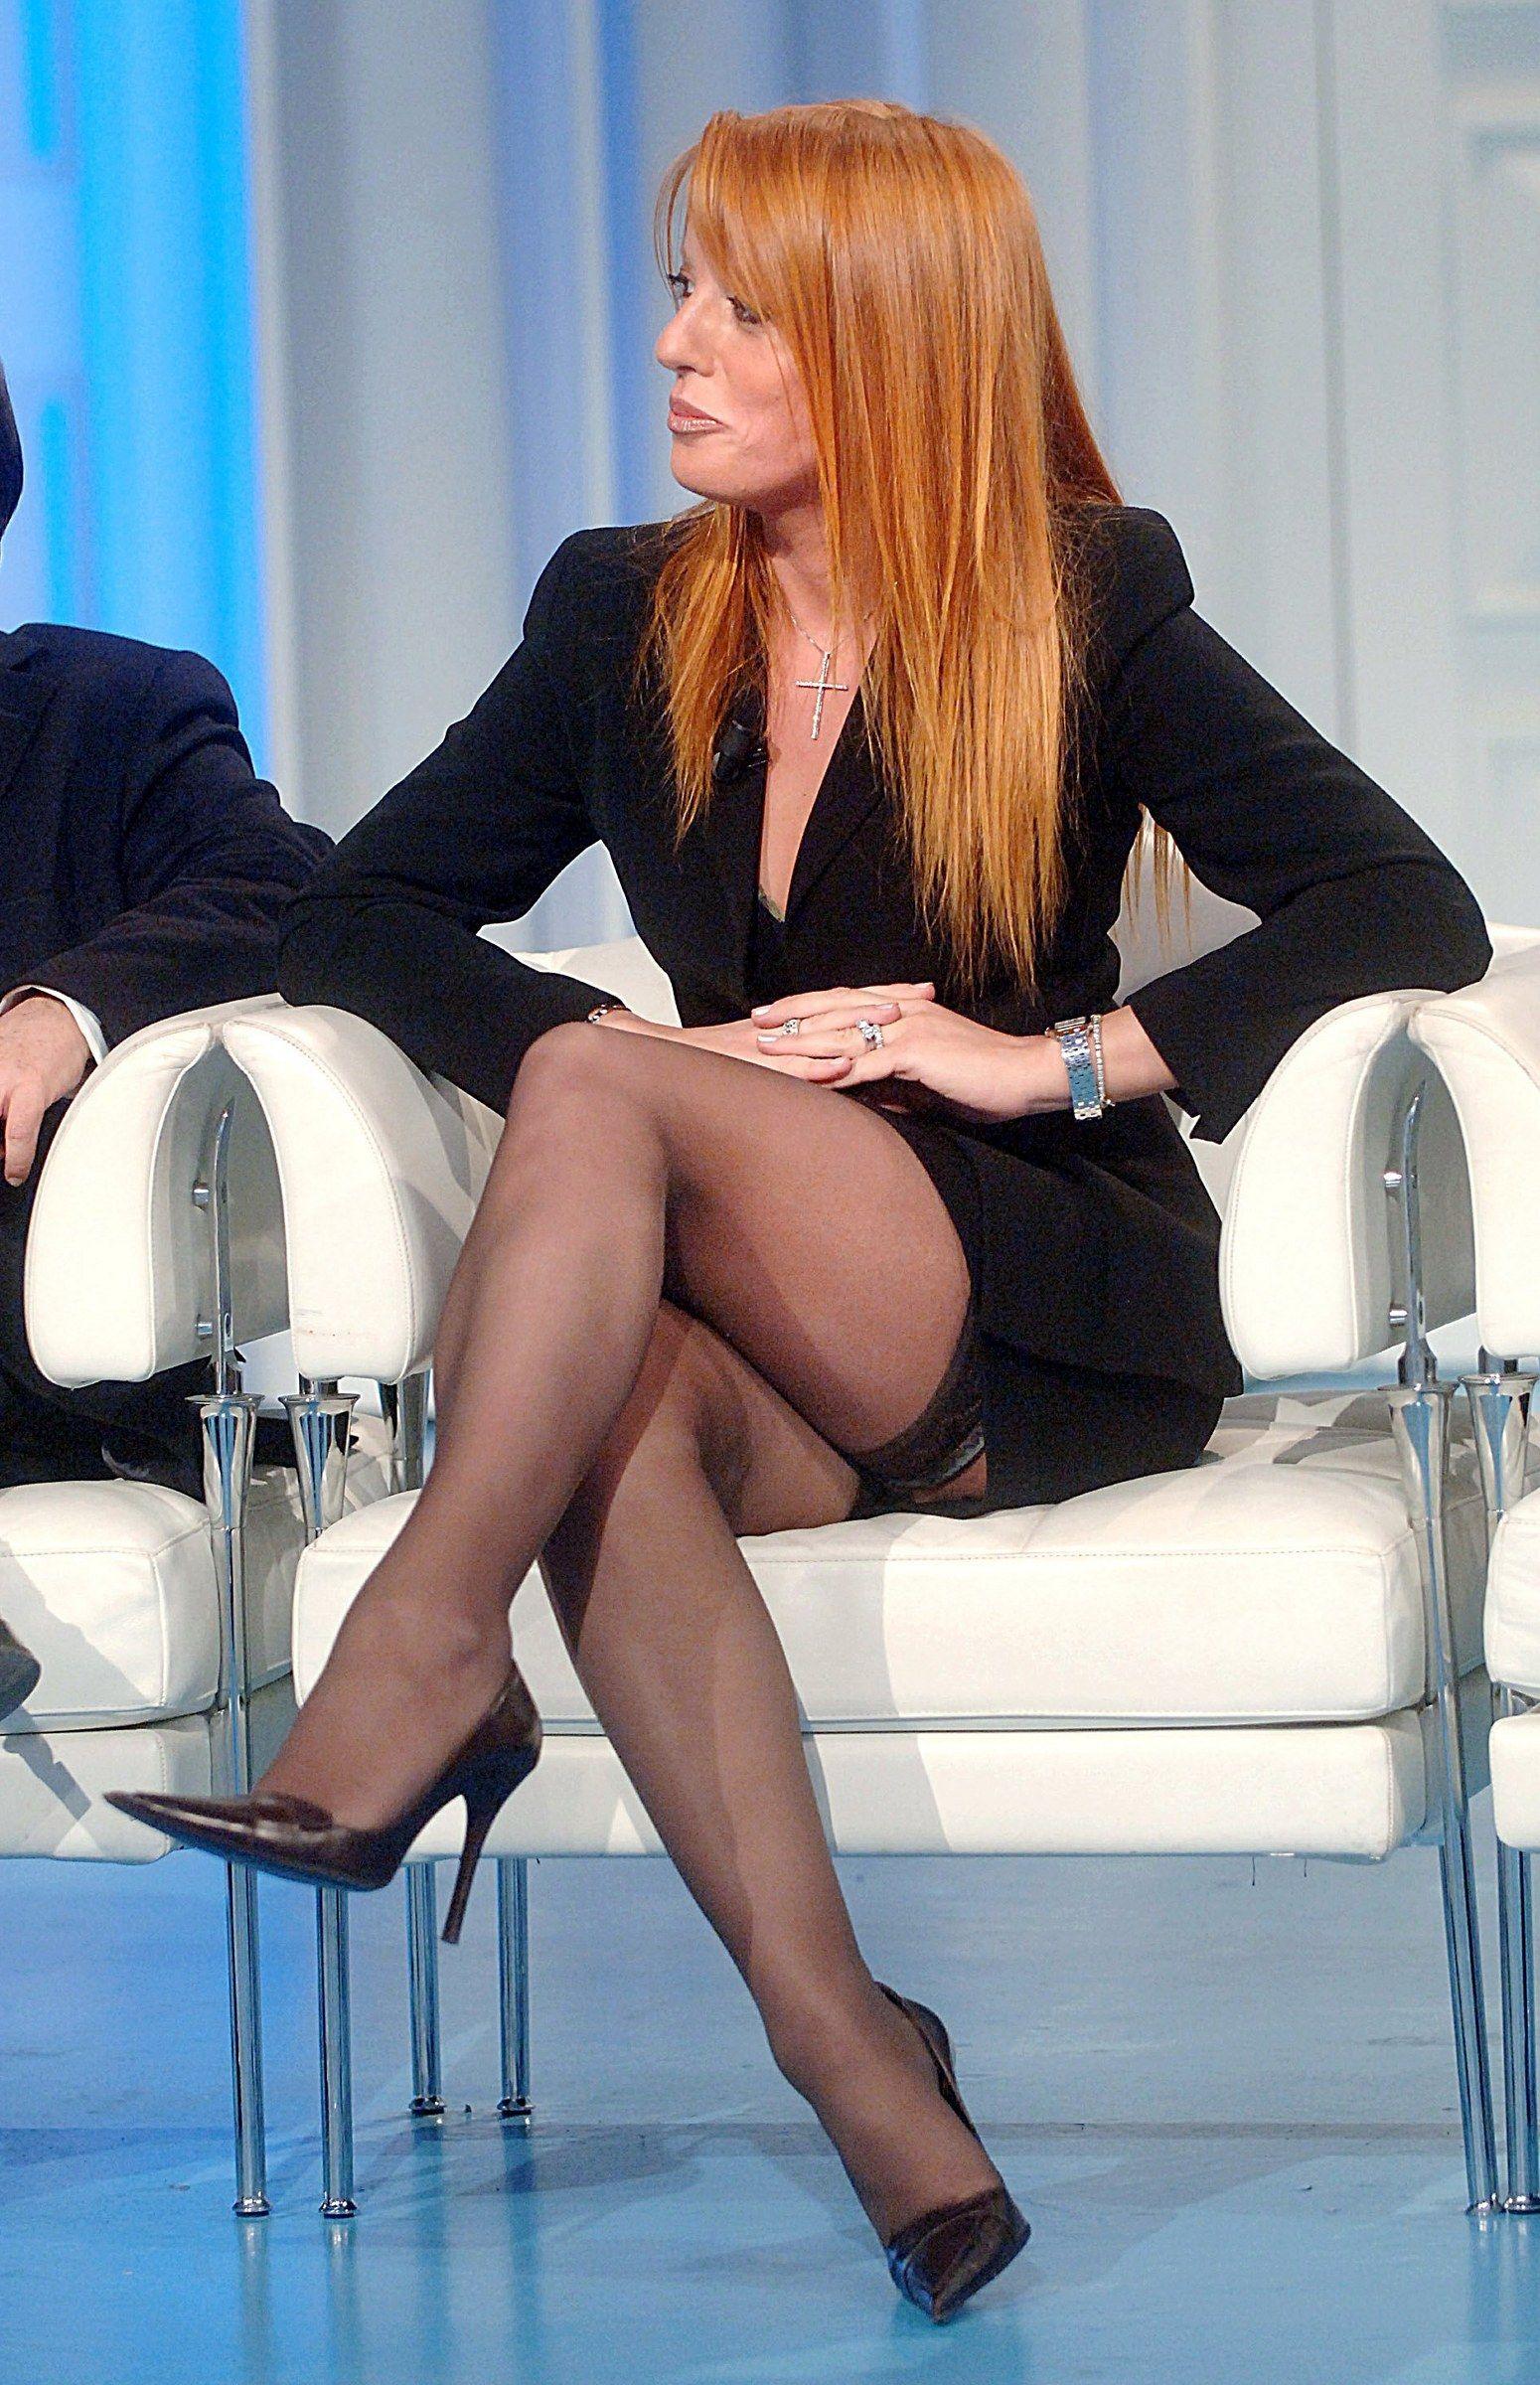 согласятся, что российские телеведущие в чулках платье видео знала мою слабость